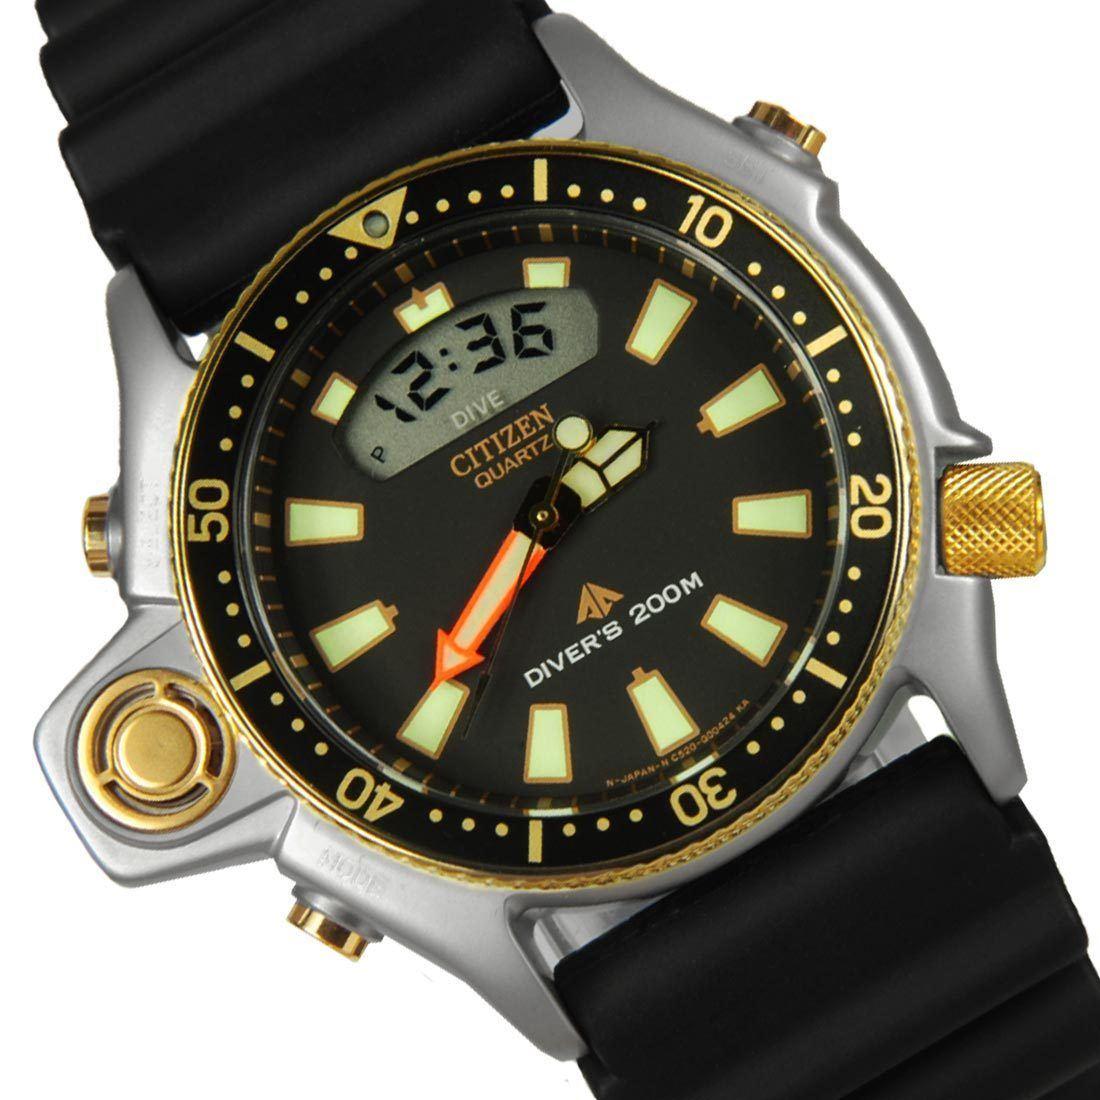 Citizen promaster aqualand depth meter diver watch jp2004 07e jp2004 jp2004 07 ebay - Citizen promaster dive watch ...